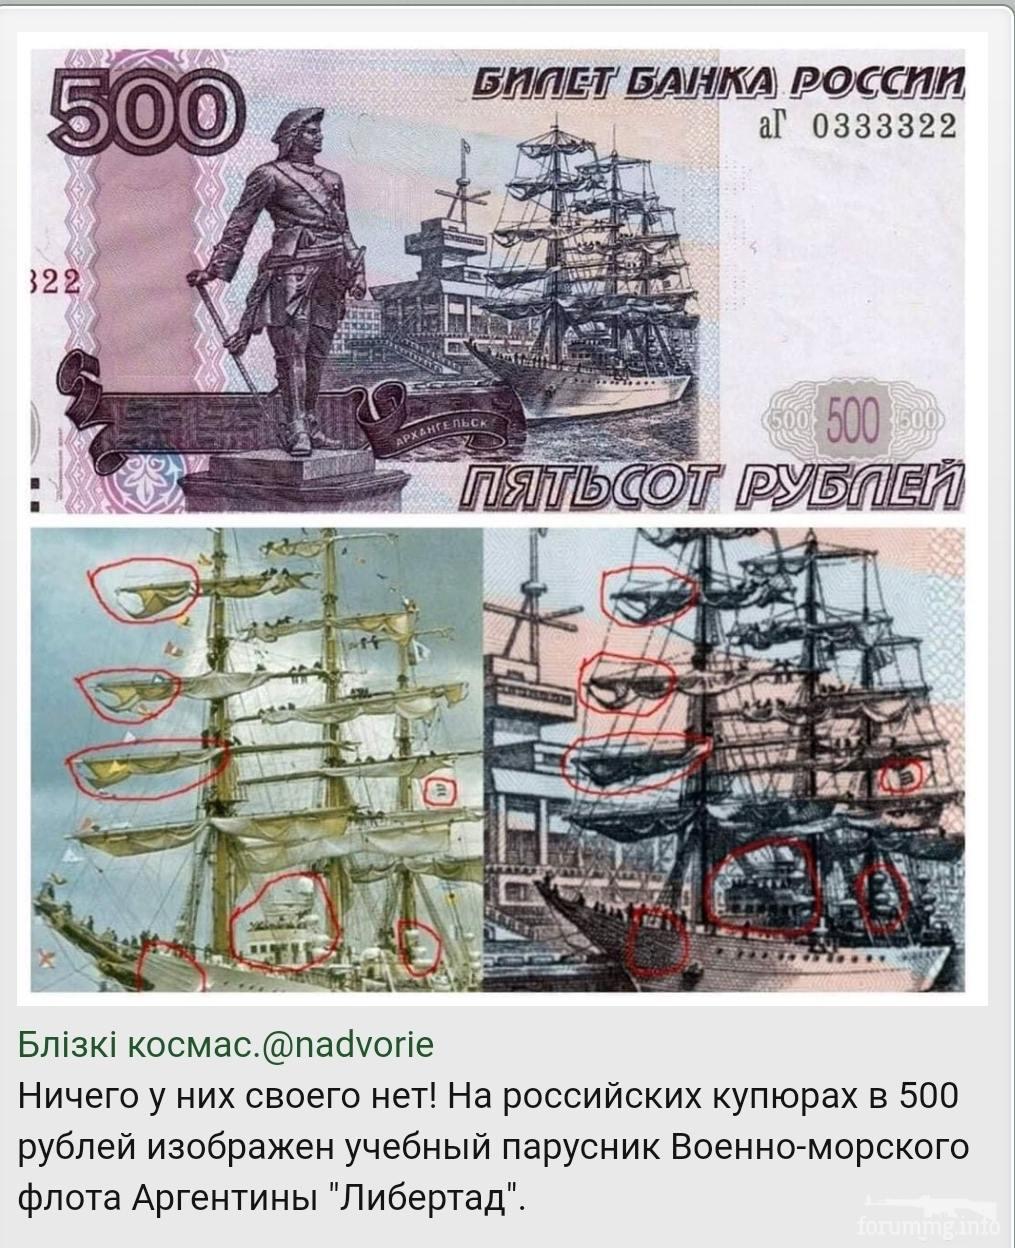 130456 - А в России чудеса!